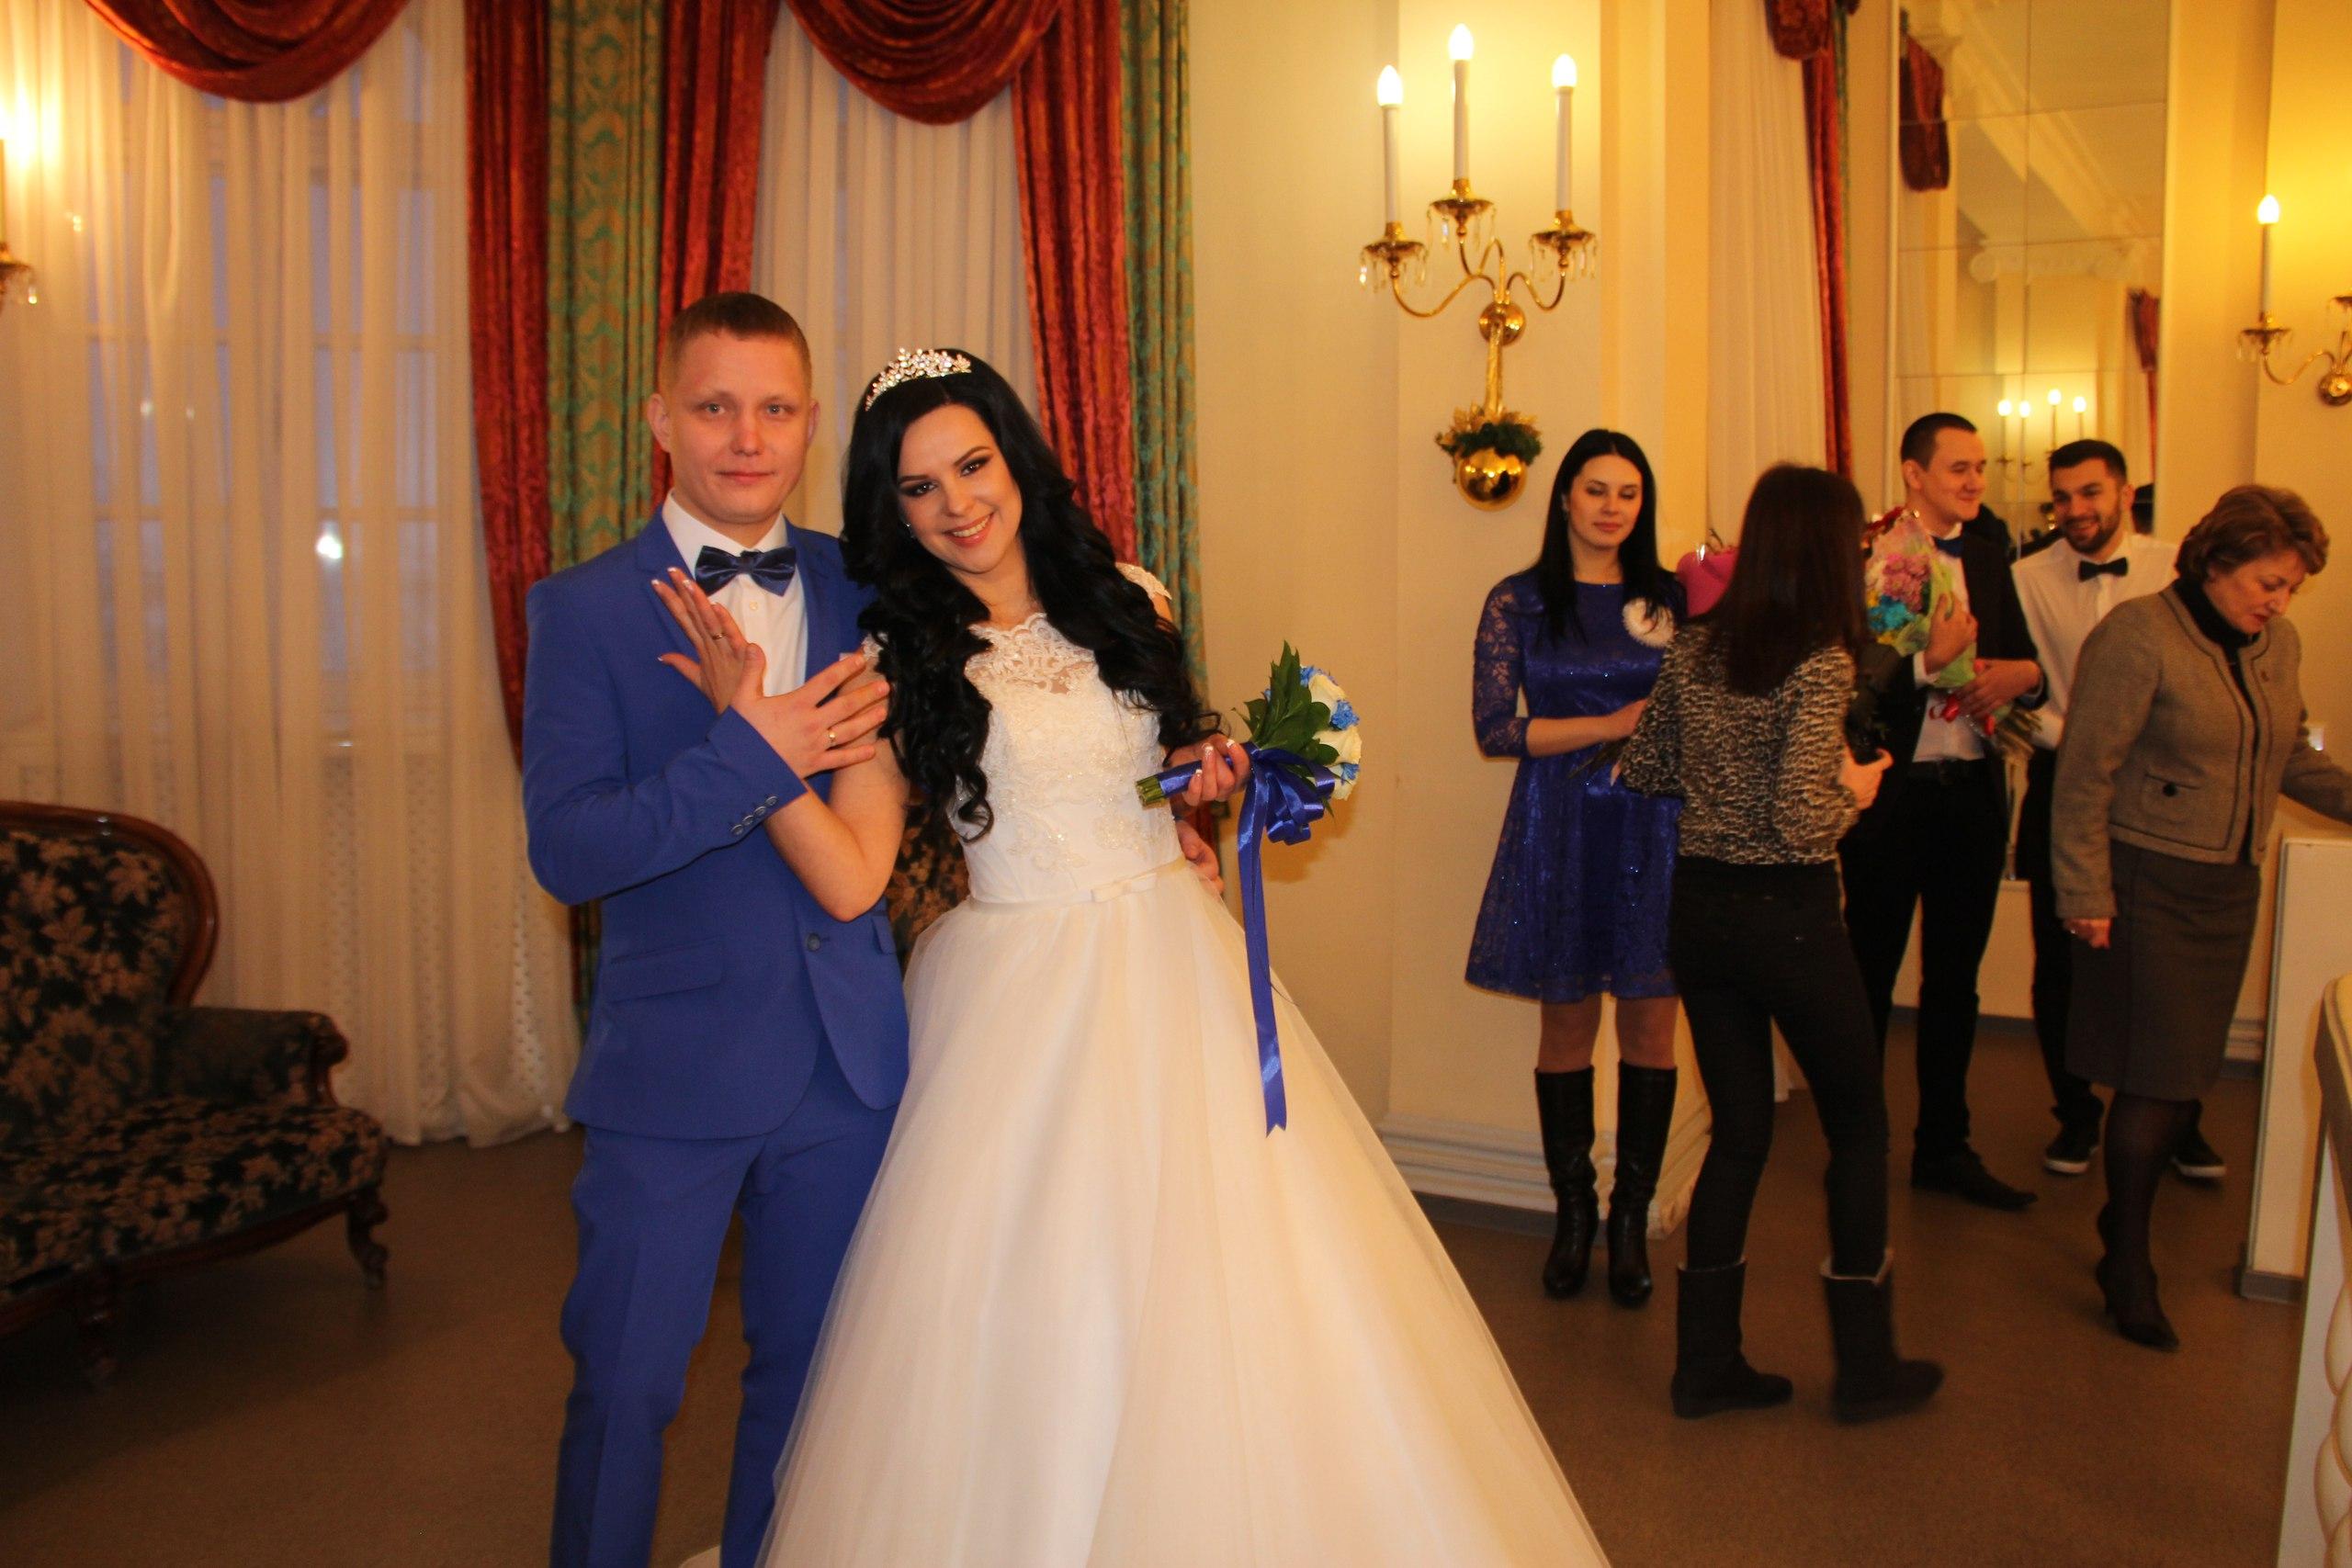 Подарок на свадьбу петрозаводск 100